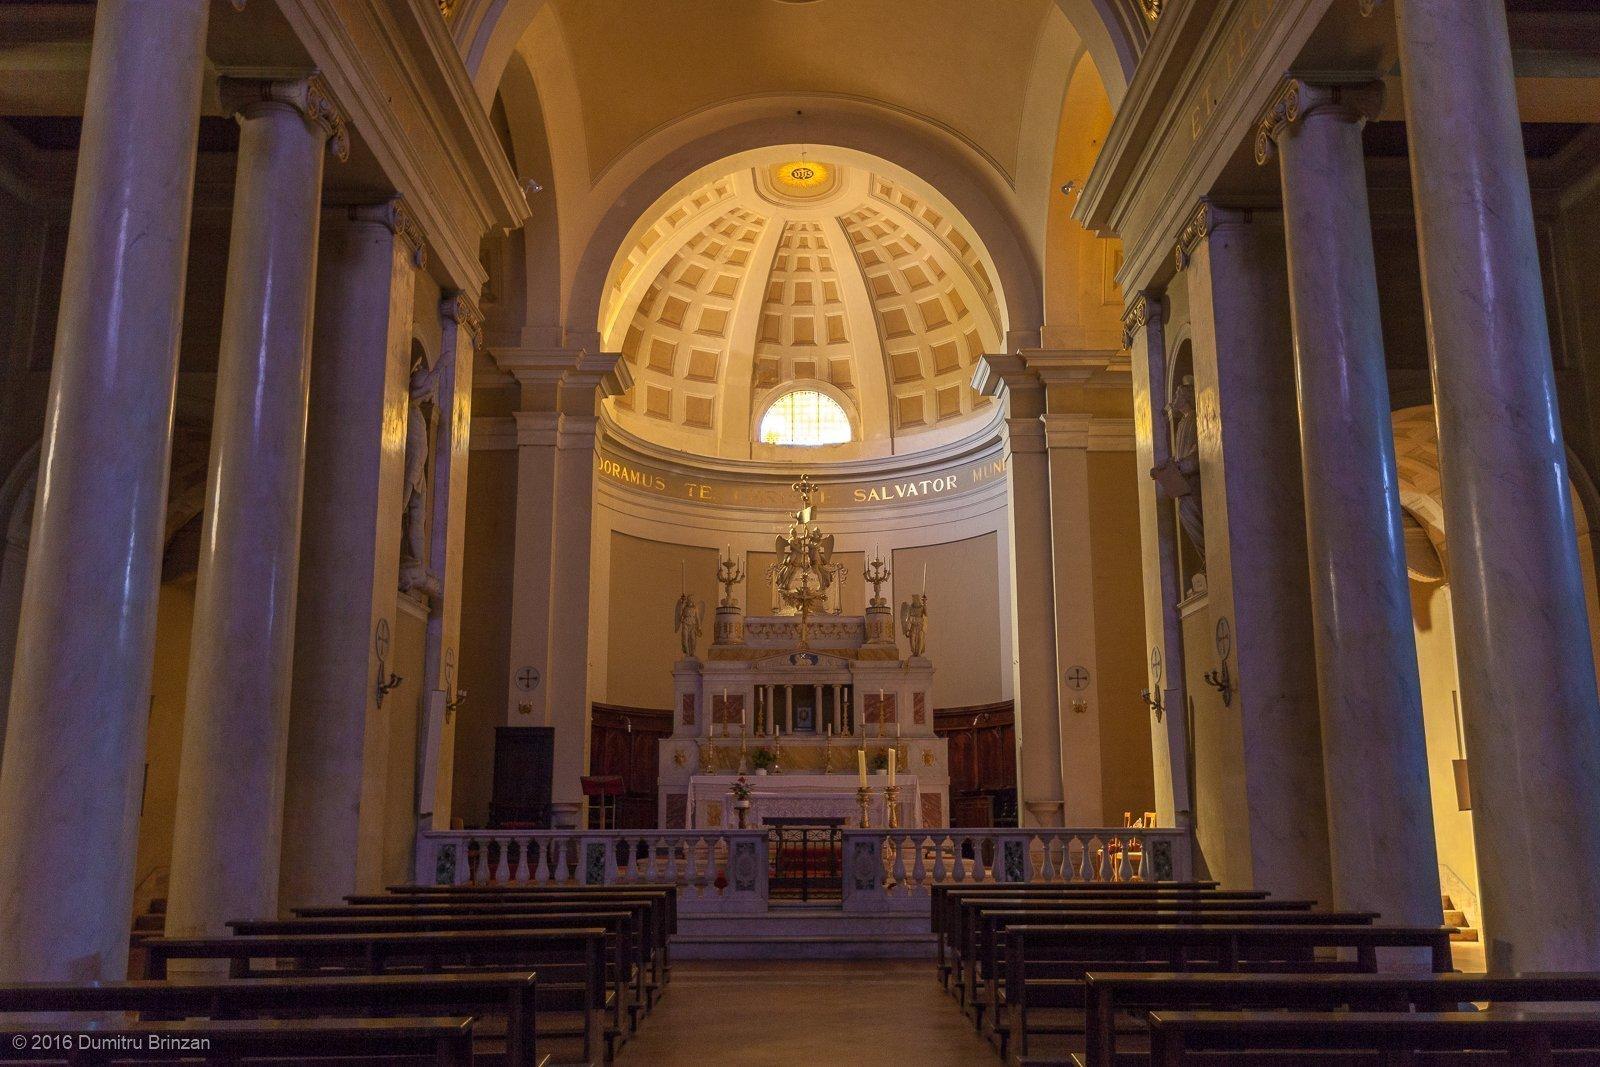 2016-montalcino-tuscany-italy-11-cattedrale-del-santissimo-salvatore